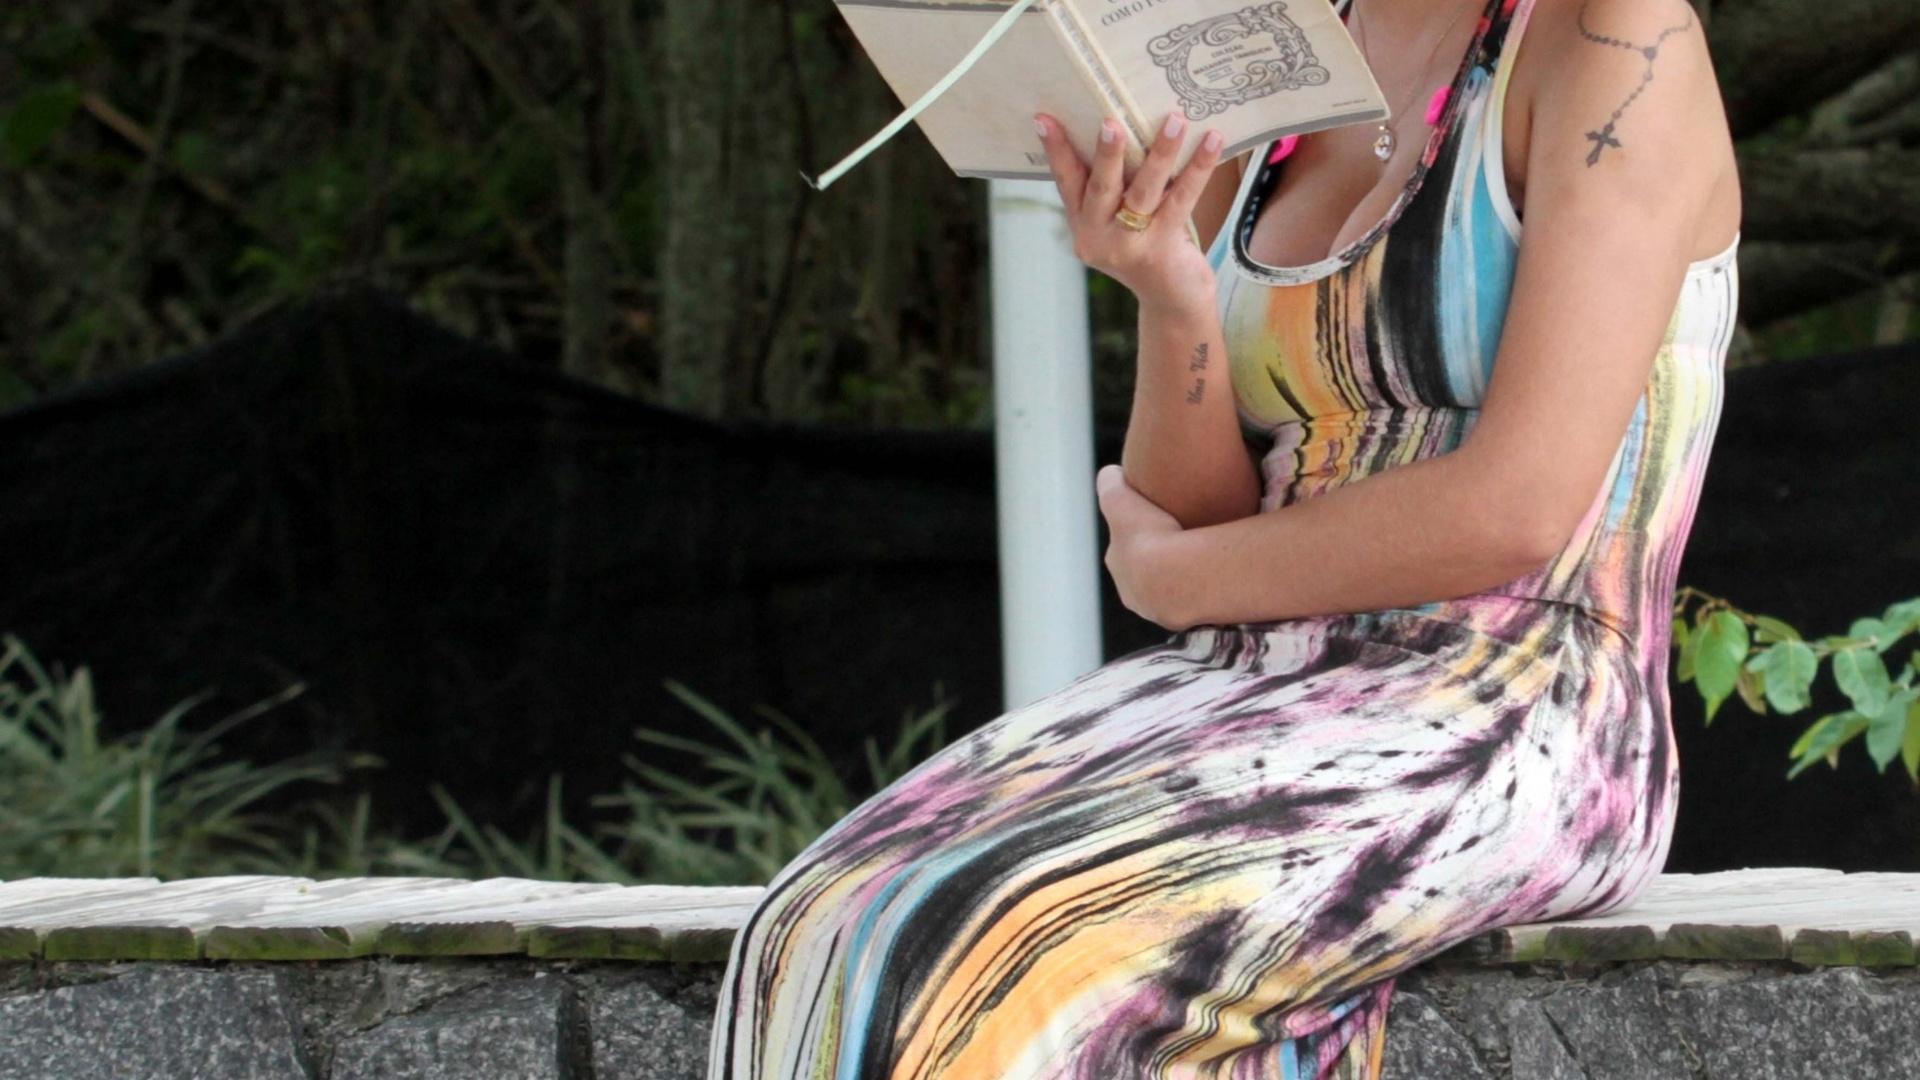 3.jan.2014 - Usando vestido longo, a modelo Andressa Urach foi fotografada pela primeira vez, em Florianópolis, em SC, desde recebeu alta do hospital, na véspera de Natal. Andressa caminhou pela calçadão e aproveitou para ler um pouco. Ela passou 25 dias internada em estado crítico, a maior parte deles na UTI, devido a um processo infeccioso decorrente da aplicação de hidrogel nas pernas